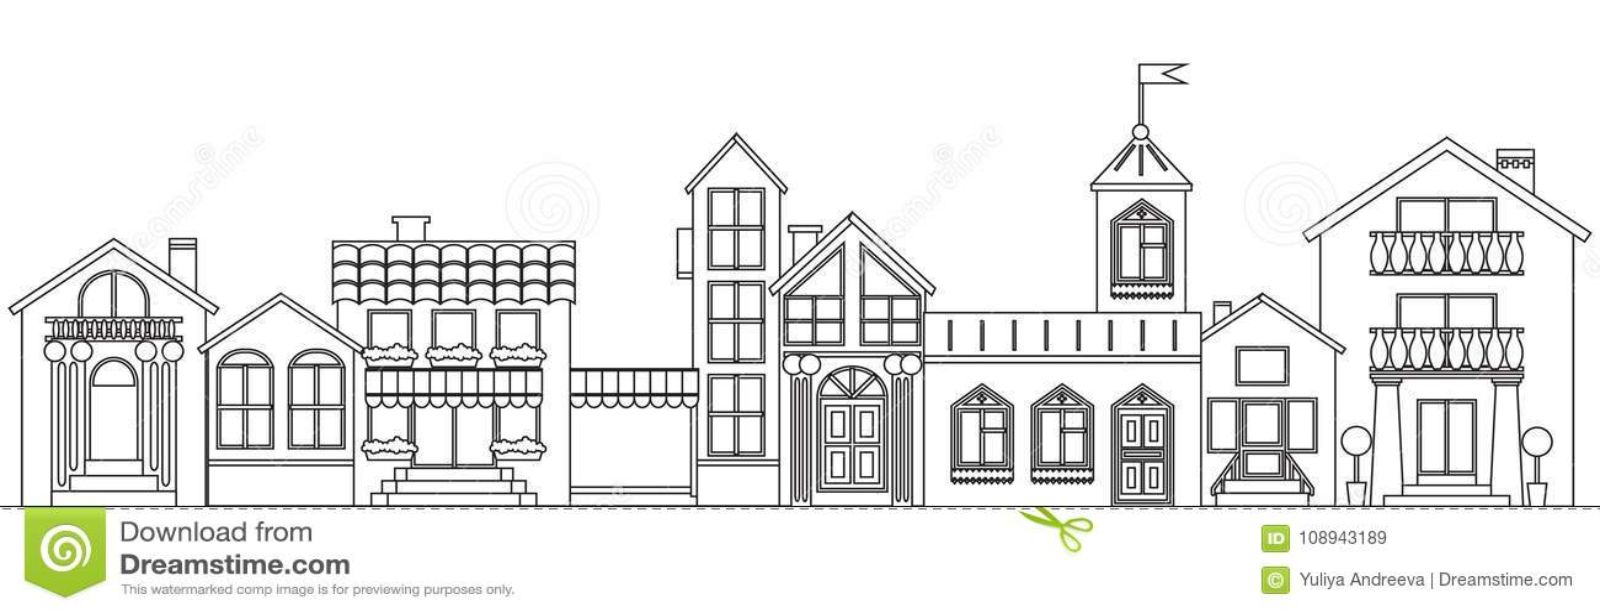 Alte europäische Stadtkontur Der lokalisierte Vektor bringt Entwurfsillustration unter